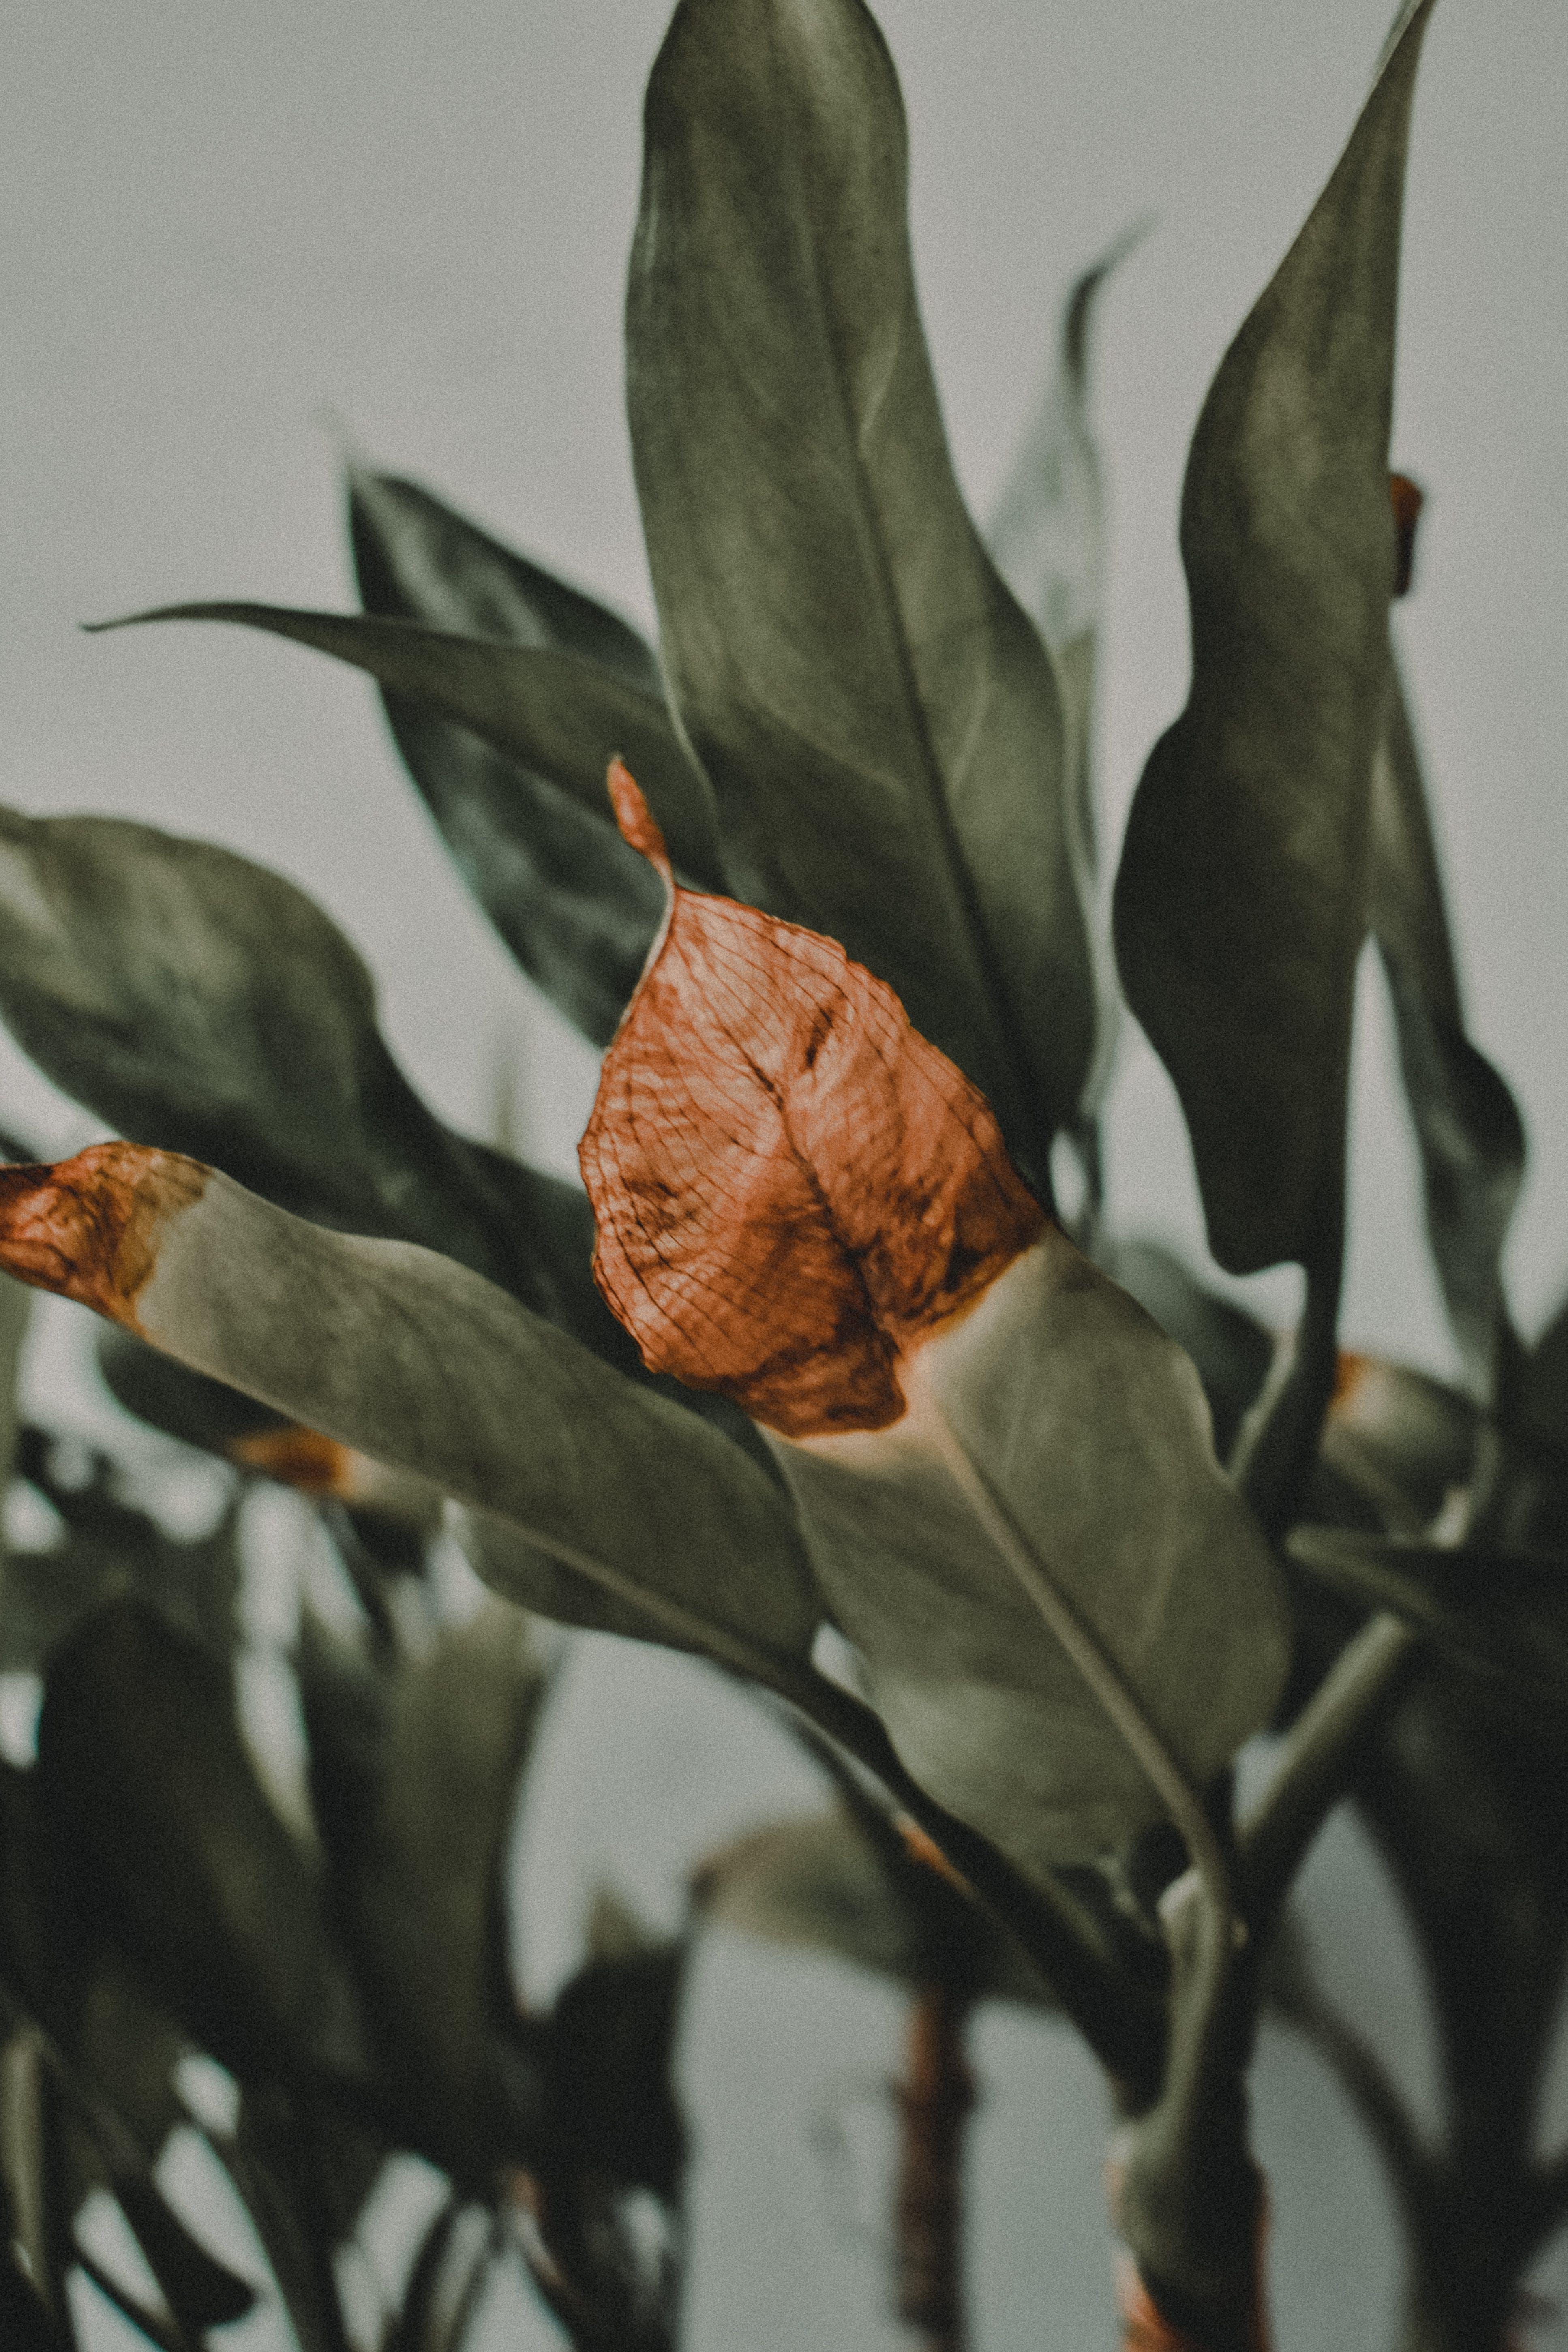 Kostenloses Stock Foto zu ast, biologie, blätter, blühende pflanze